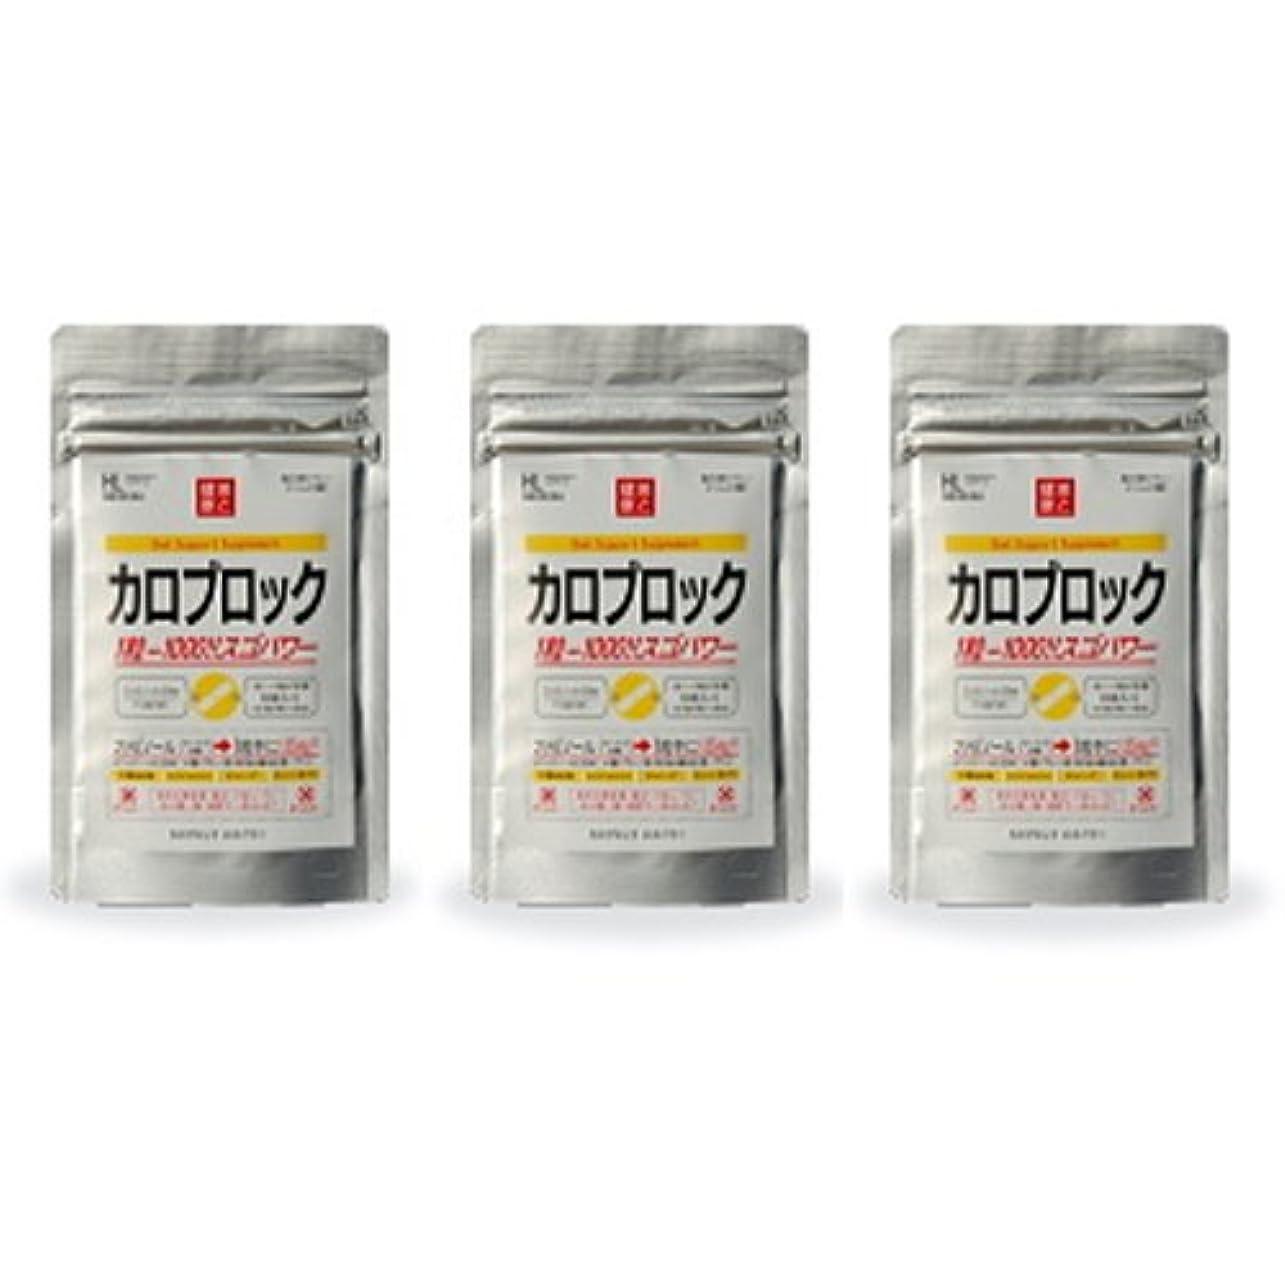 荒廃する肌ハックカロブロックスゴパワー 3個セット(白いんげん豆配合ダイエットサプリ)